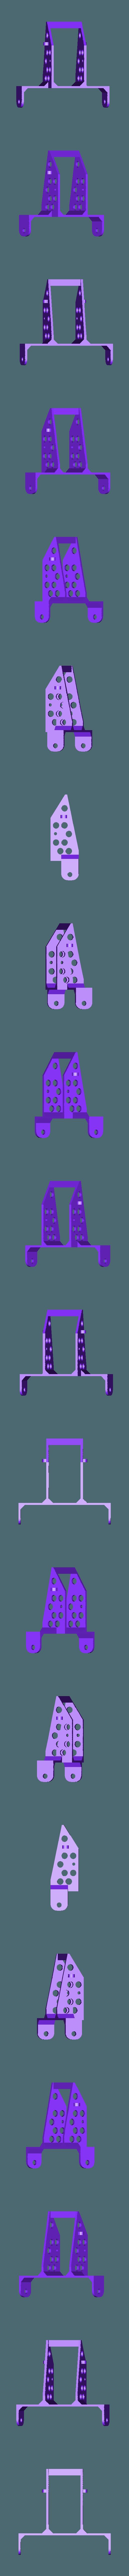 MK2_lite.stl Télécharger fichier STL gratuit Support de caméra Tiny Whoop - MK2 (style E010) • Design imprimable en 3D, Gophy